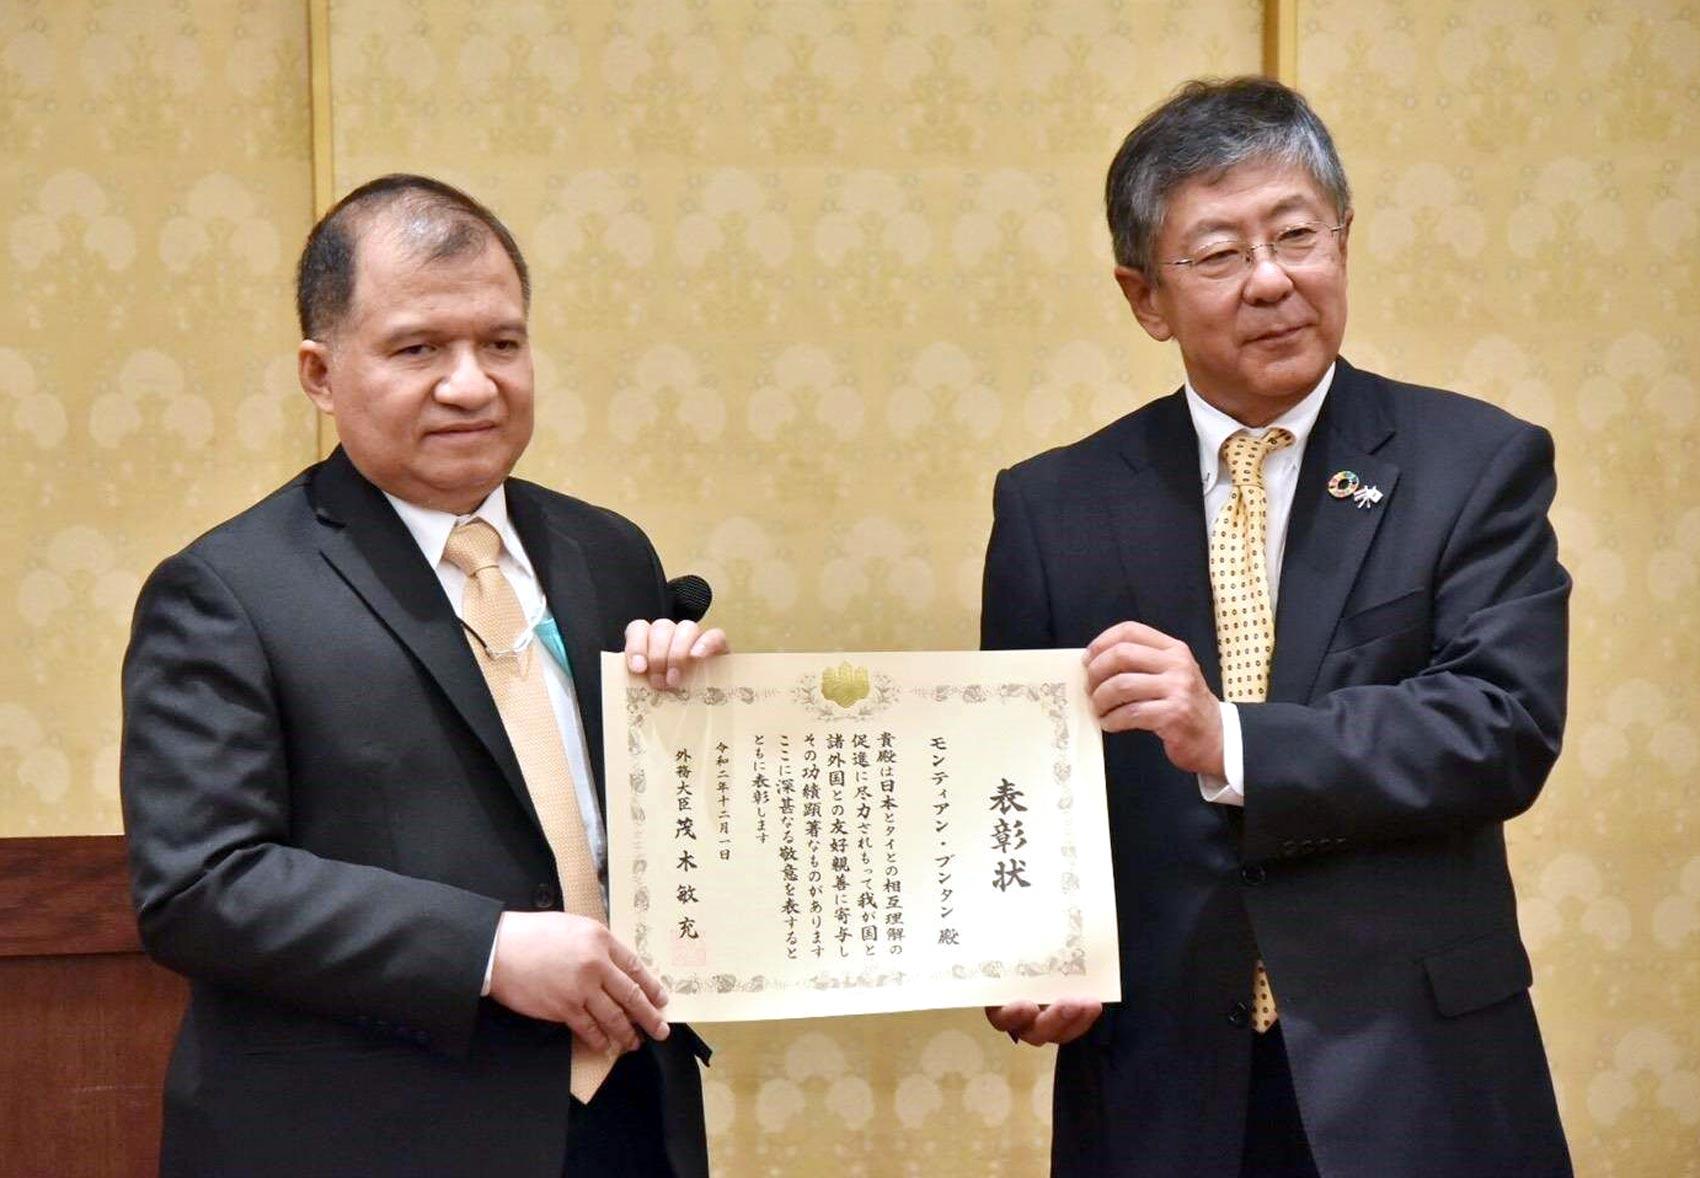 23日、タイ駐在日本大使公邸で、日本外務省がタイ王国上院議員モンティアン・ブンタン氏に、日タイ相互理解の促進における表彰を授与した。同氏は障害者に関連する権利と福祉支援でも貢献している。